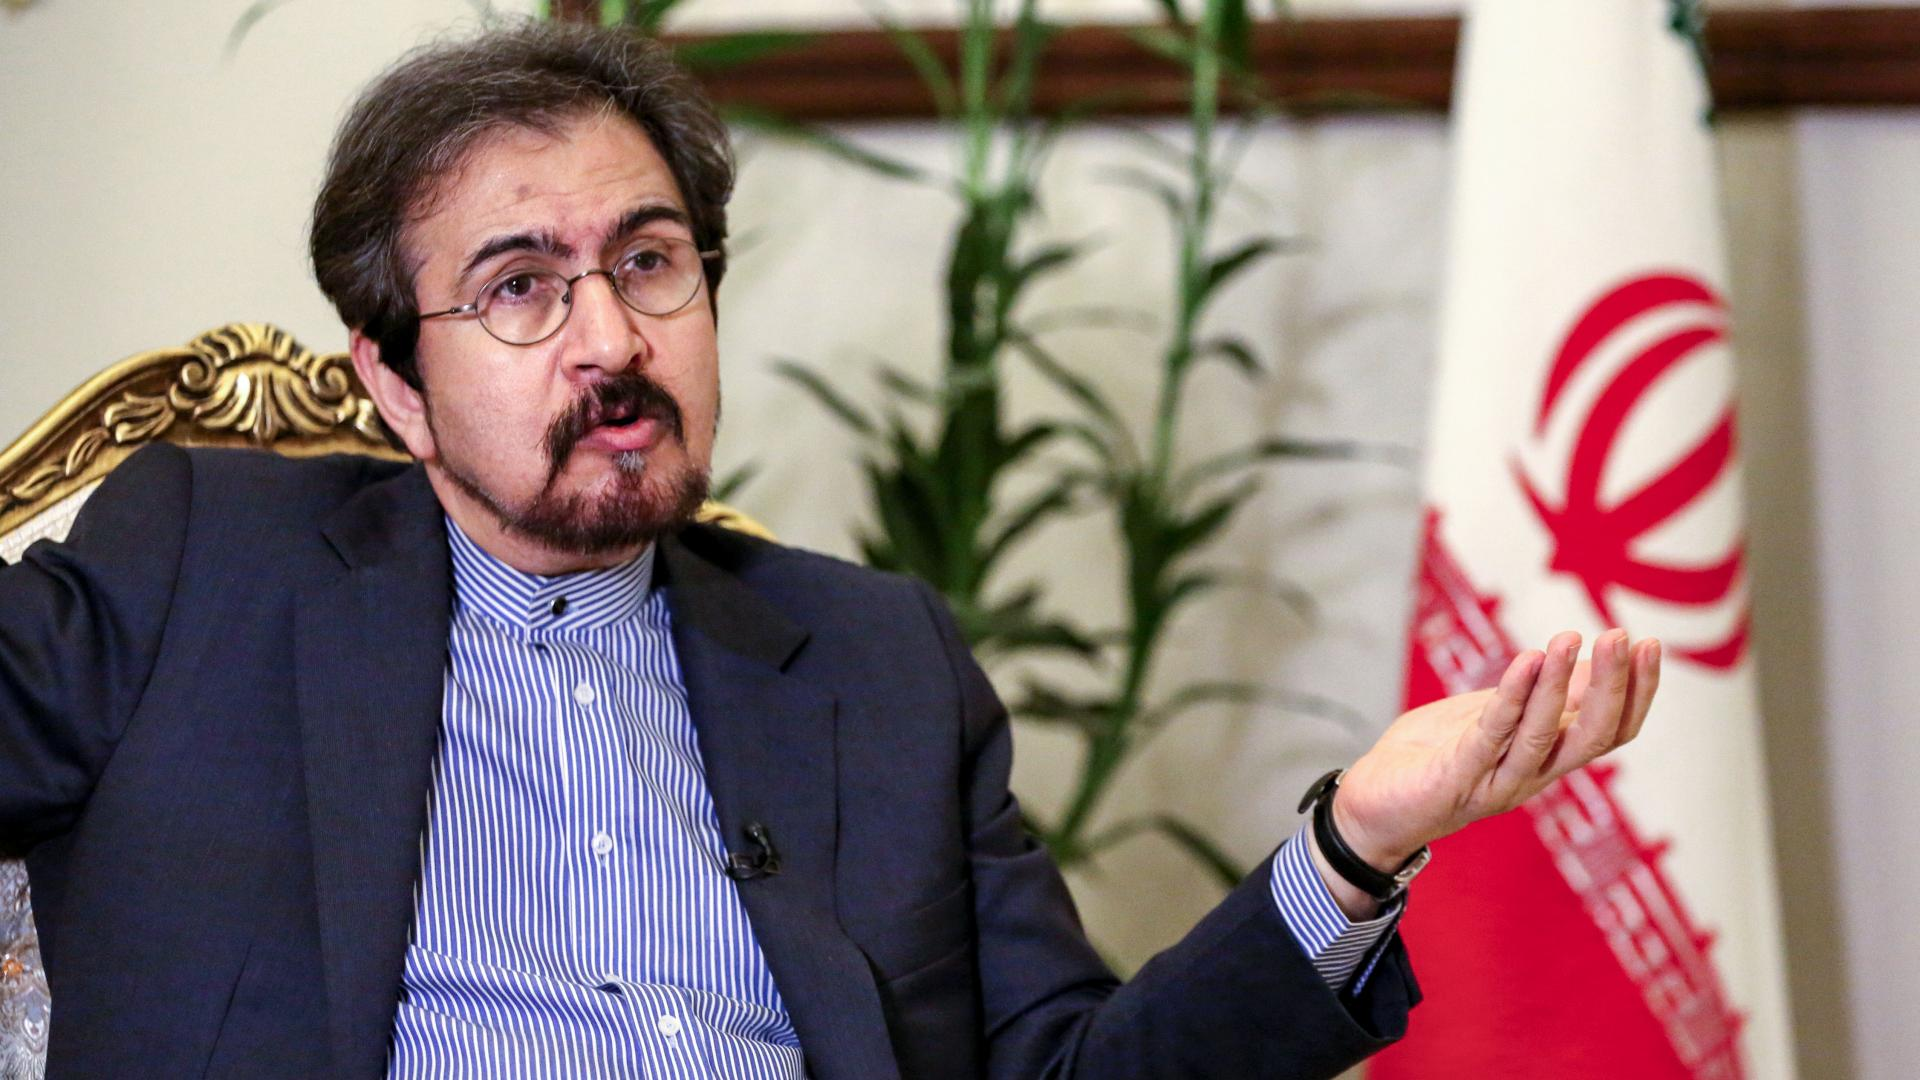 """إيران: سيادتنا على الجزر الـ3 """"لا ريب فيها"""" وحديث الإمارات عنها لن يغير شيئا"""